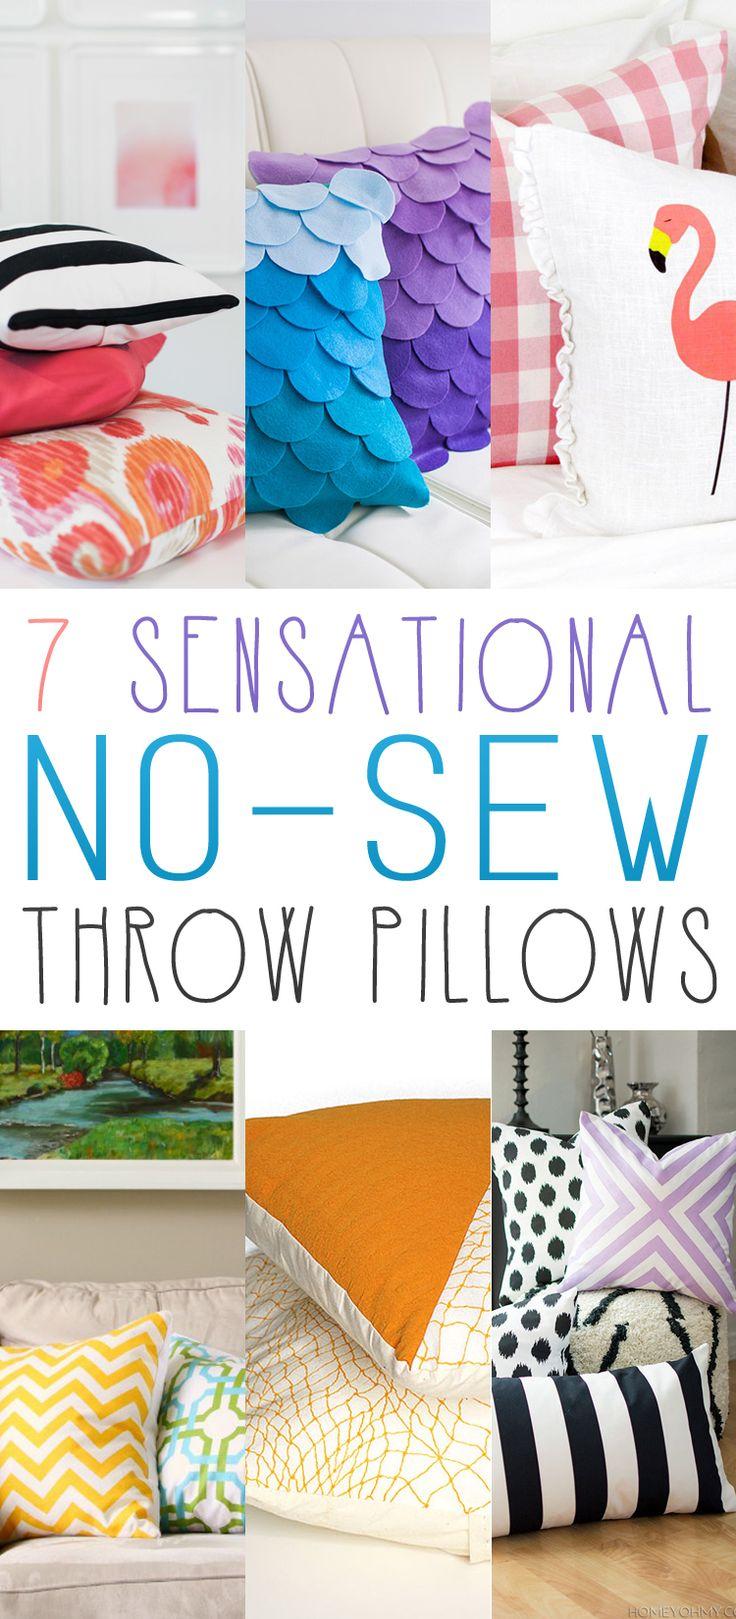 7 Sensational No-Sew Throw Pillows - The Cottage Market